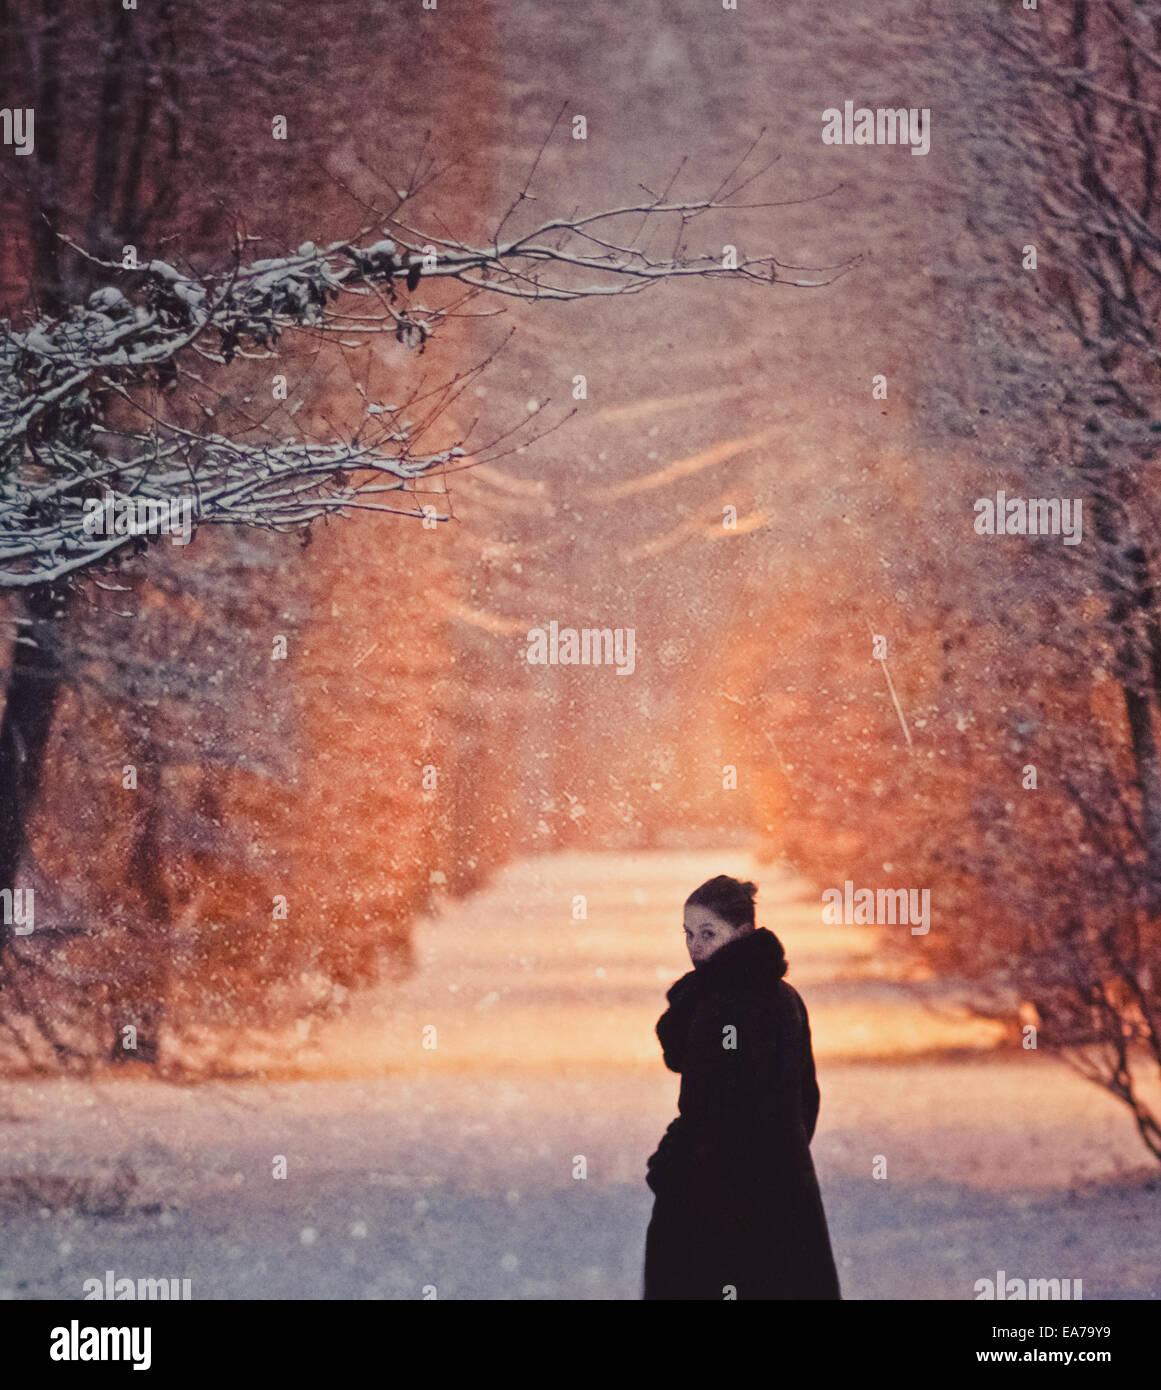 Un paseo en un parque de nieve Foto de stock